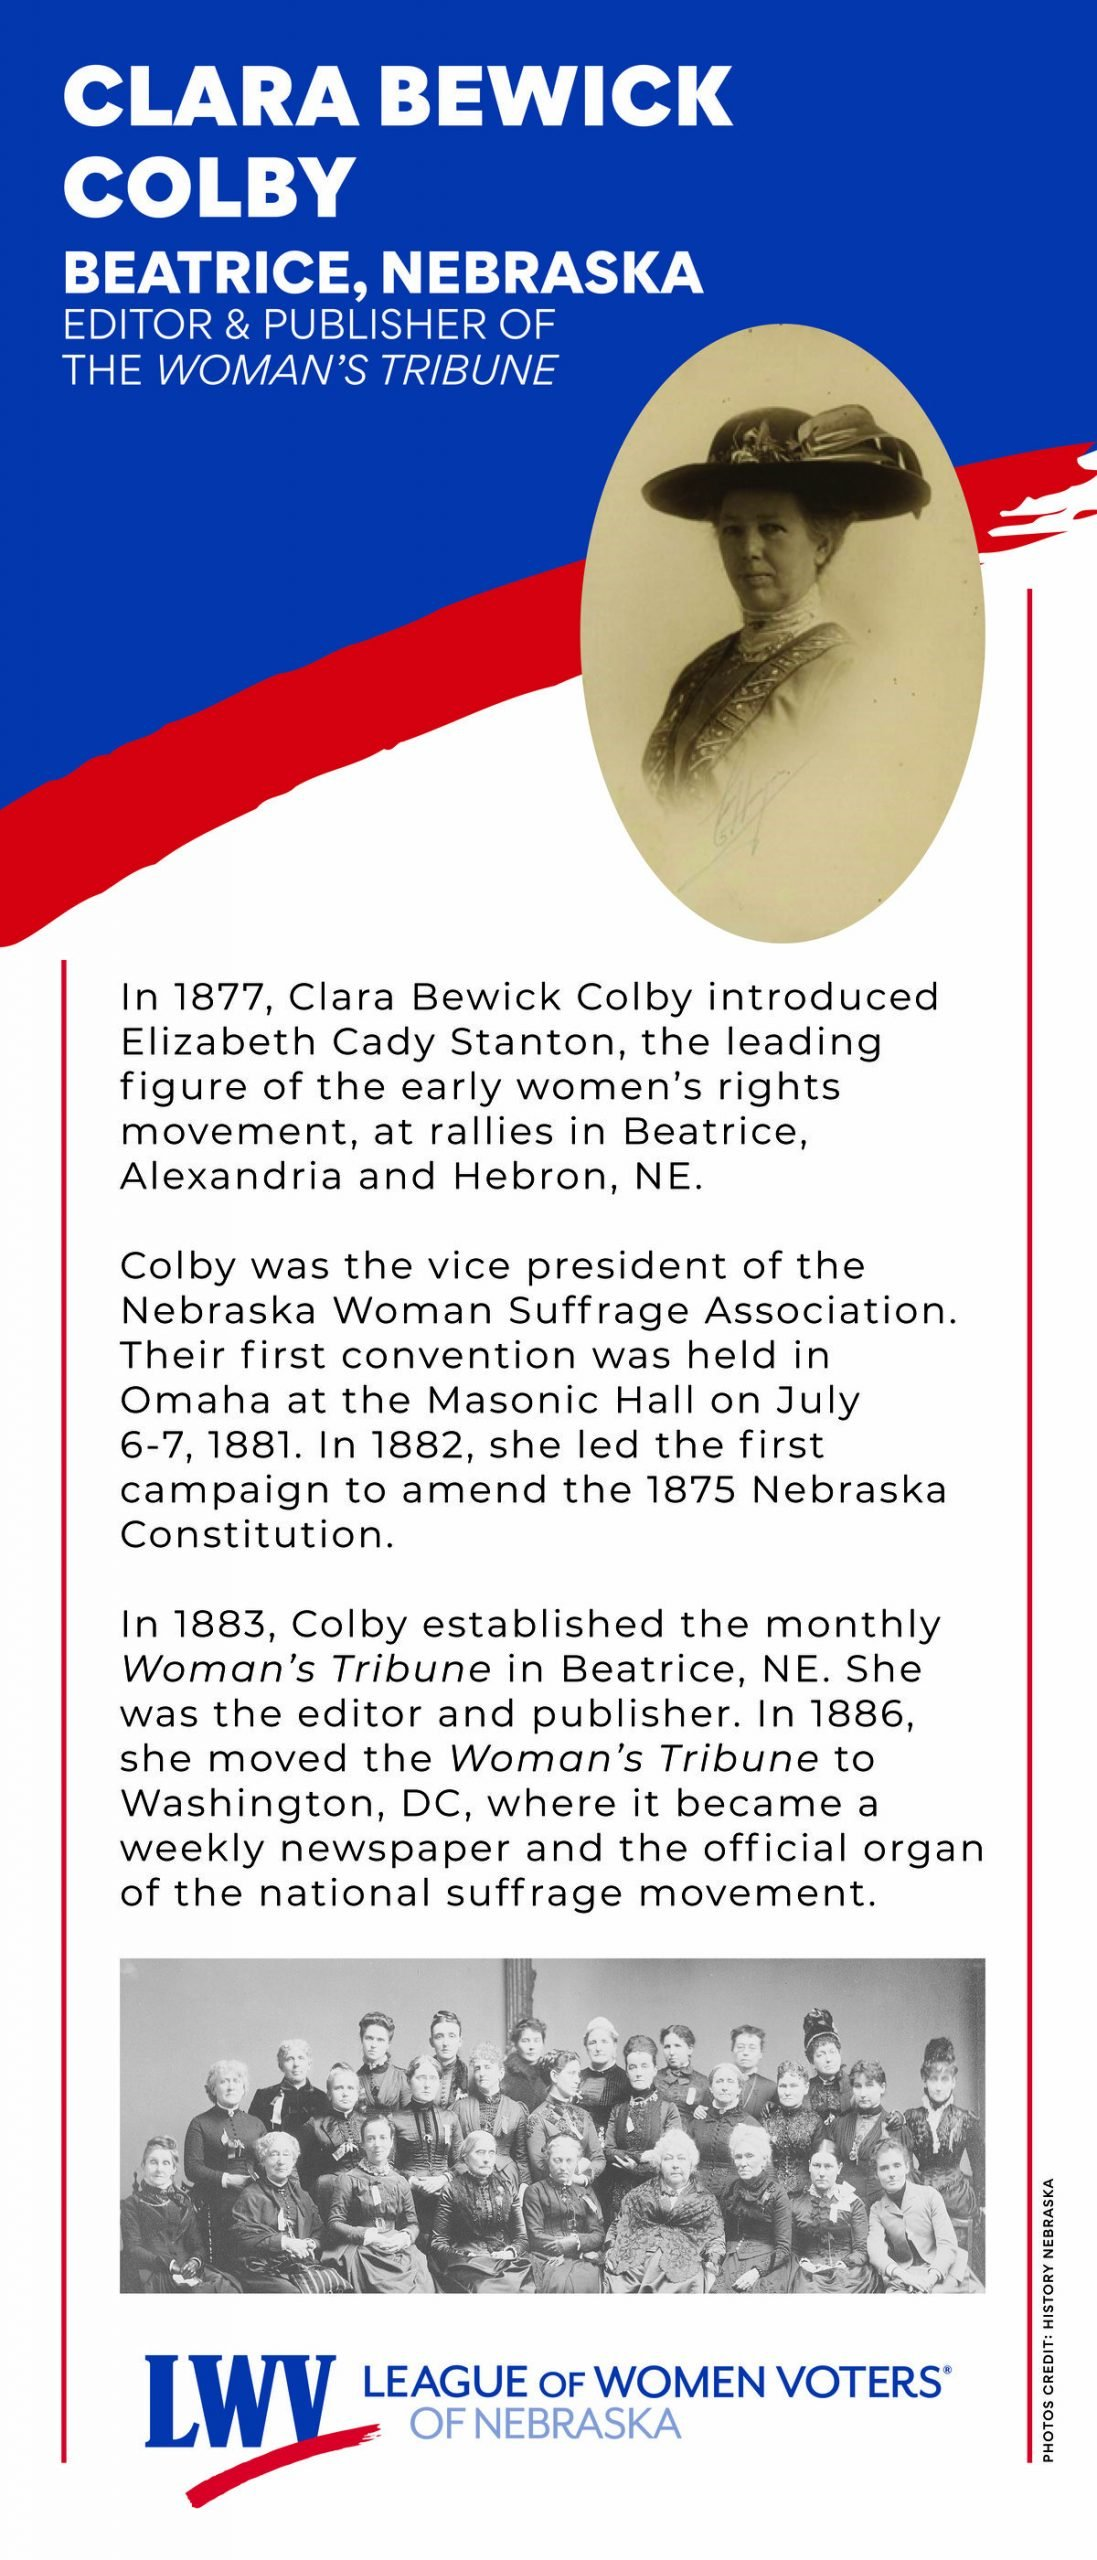 Centennial Banner featuring Clara Bewick Colby